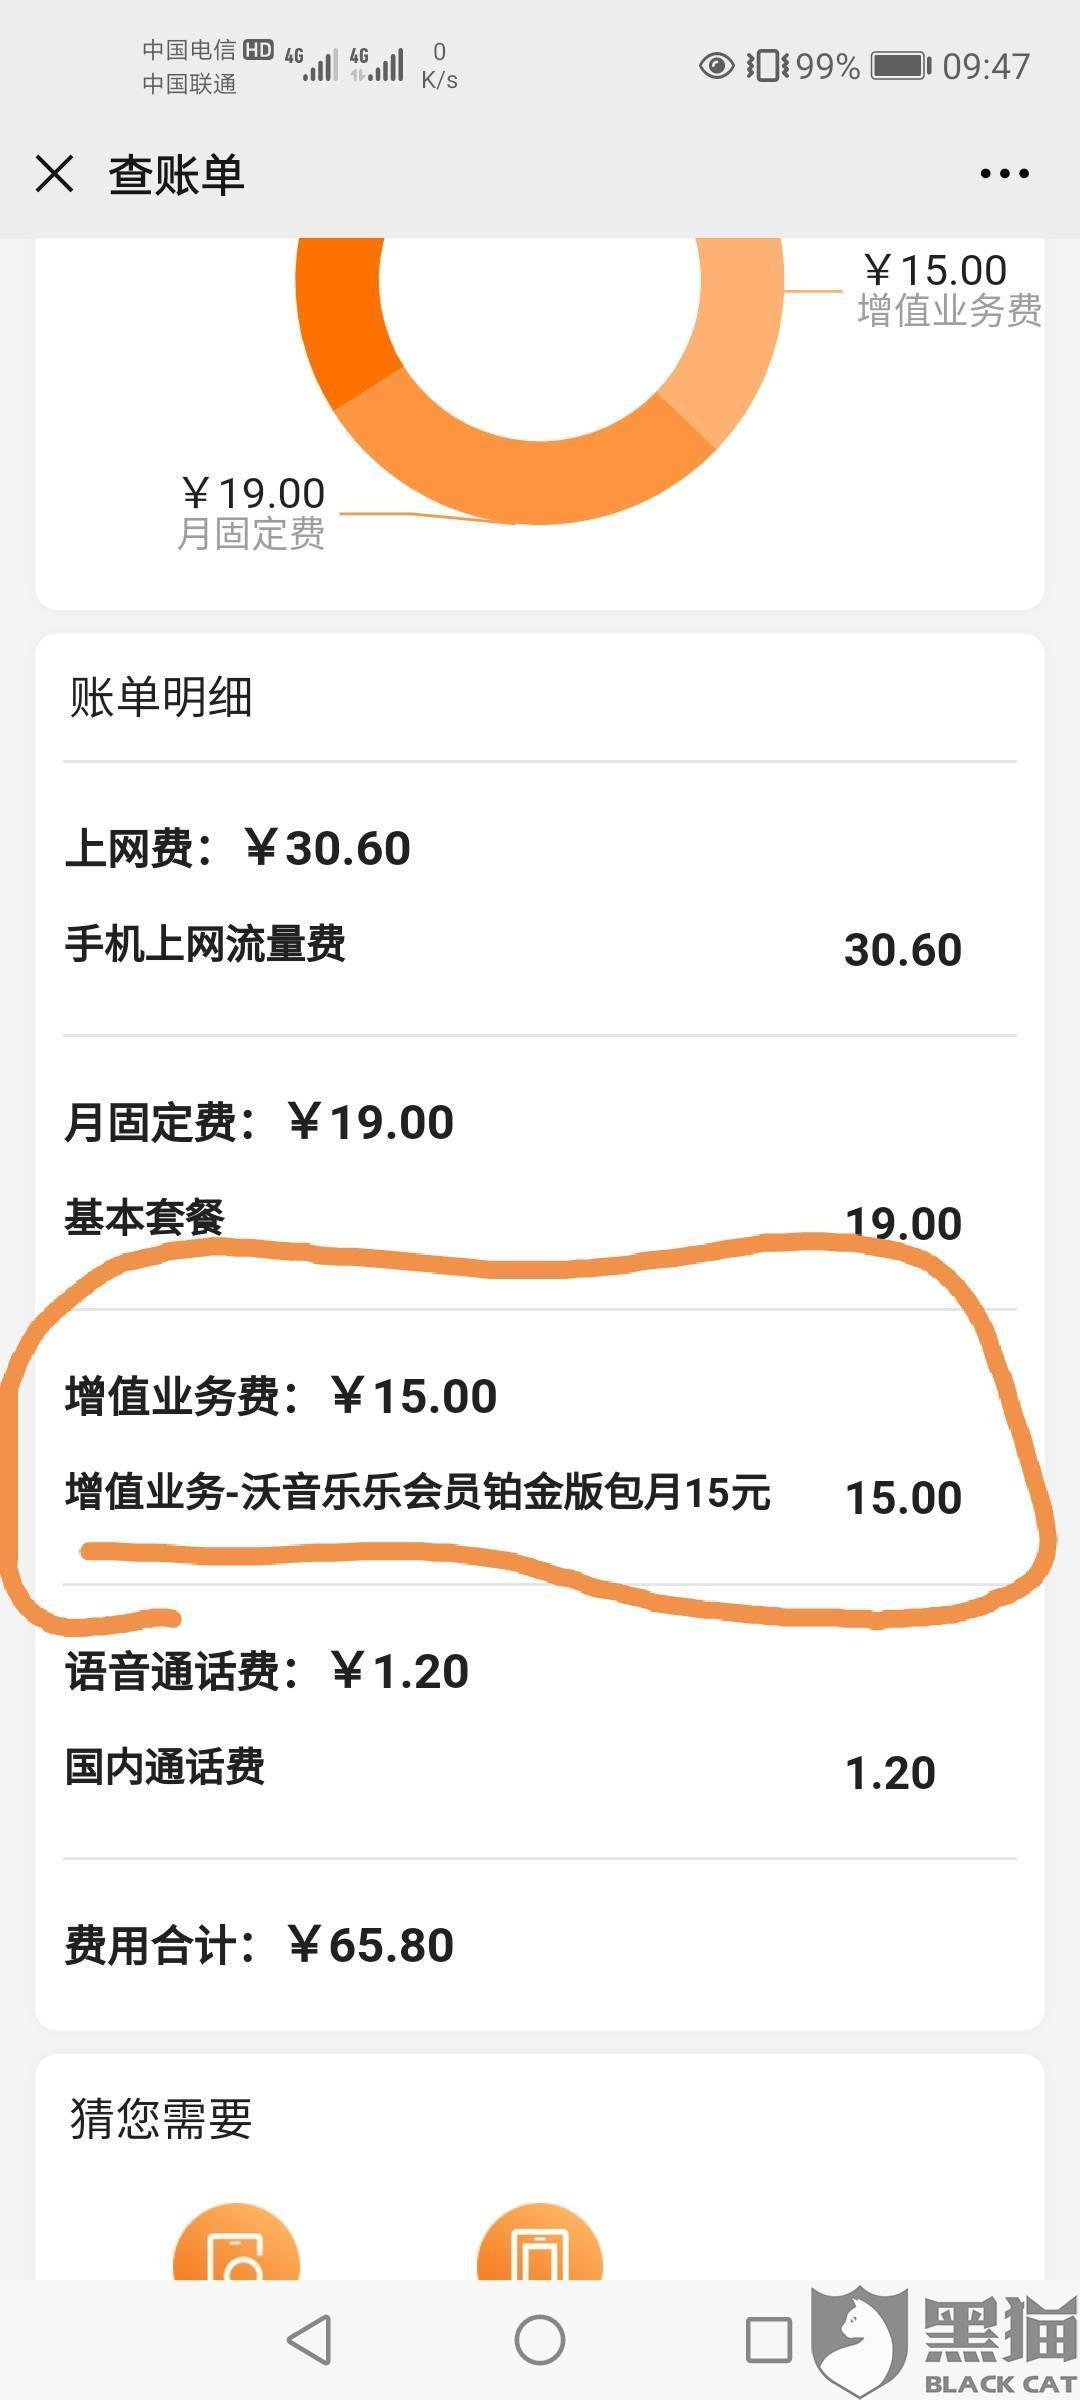 黑猫投诉:中国联通  我要退款  不要什么增值业务!!